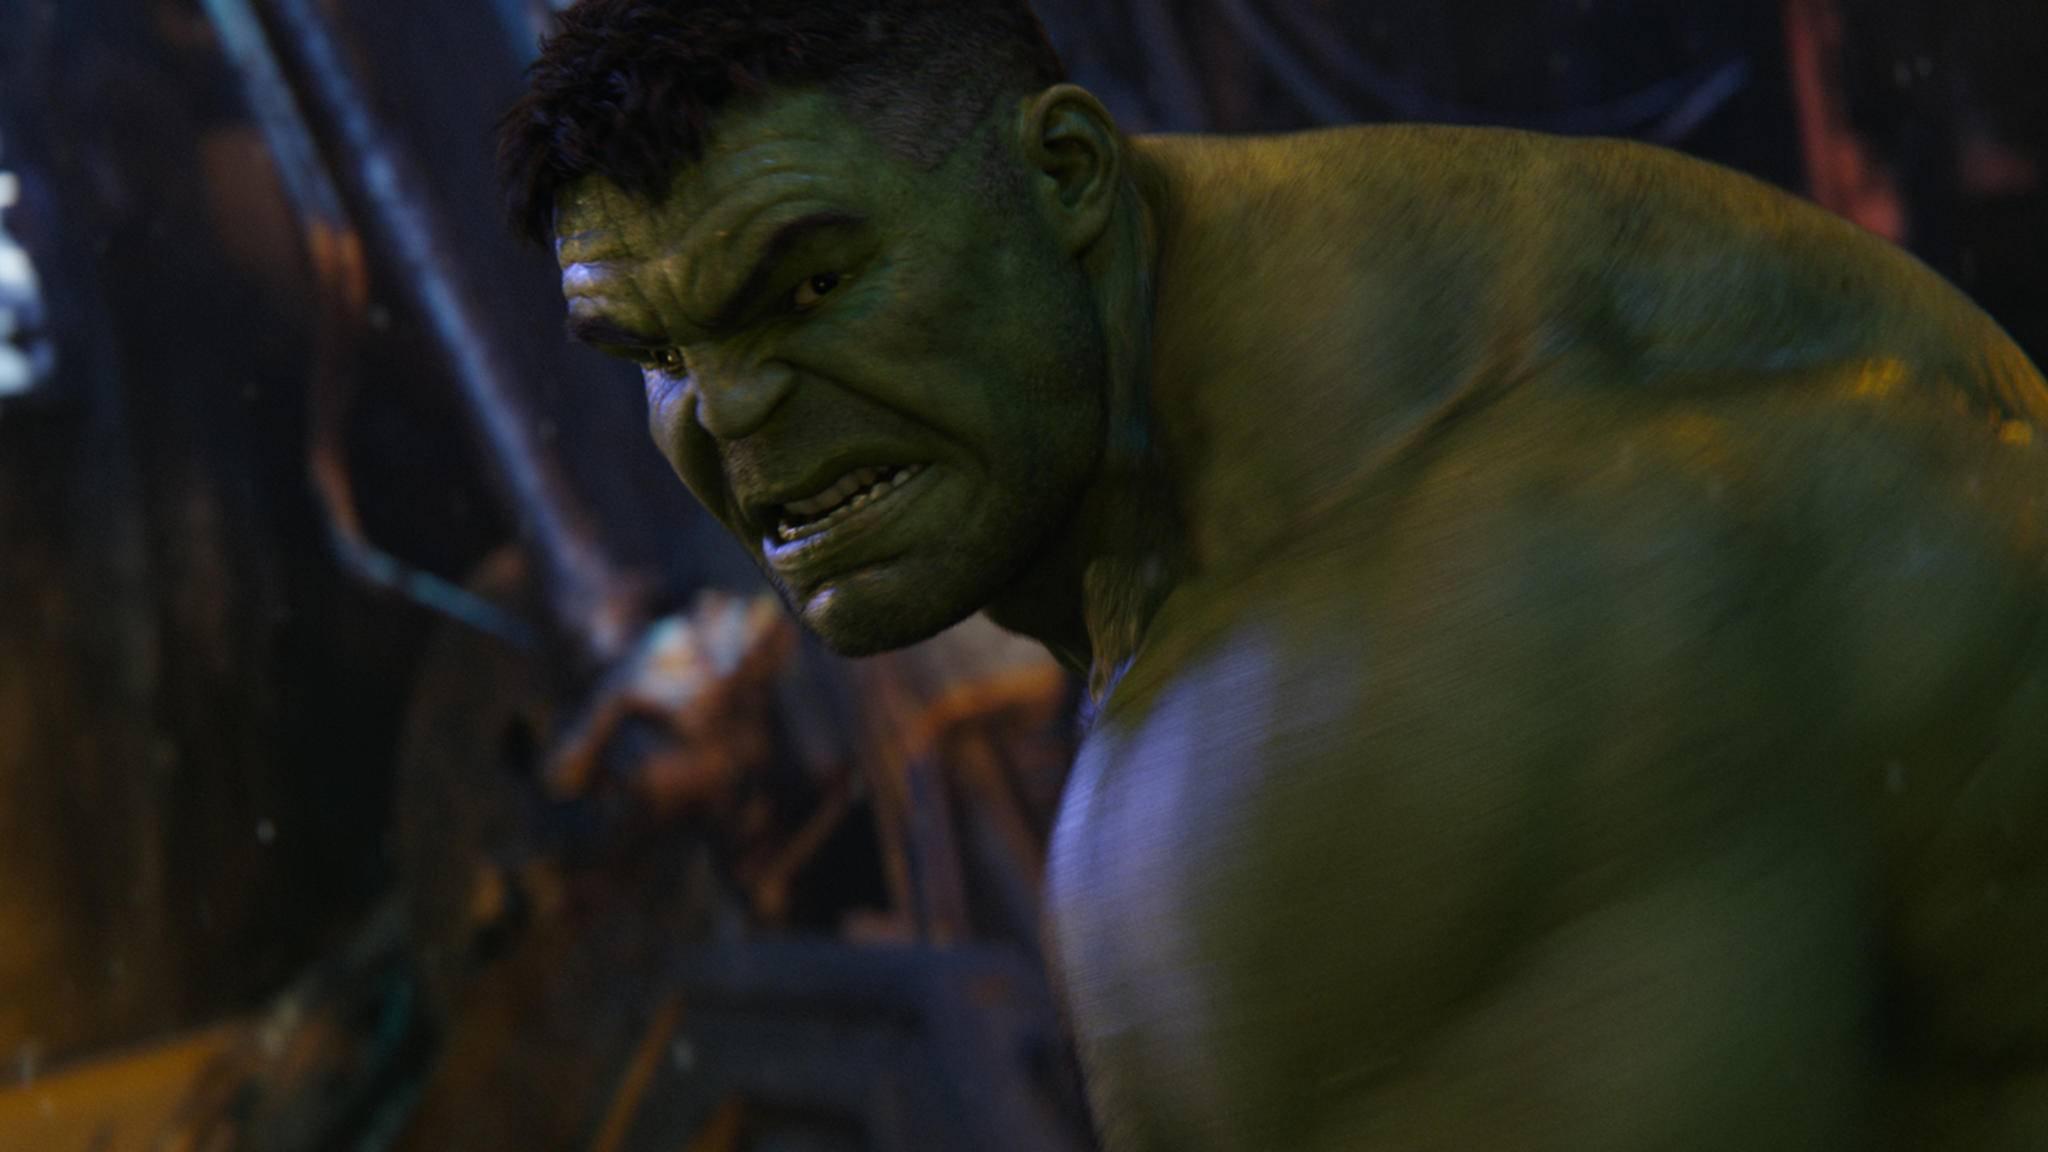 keine angst vor thanos: darum will hulk in avengers: infinity war